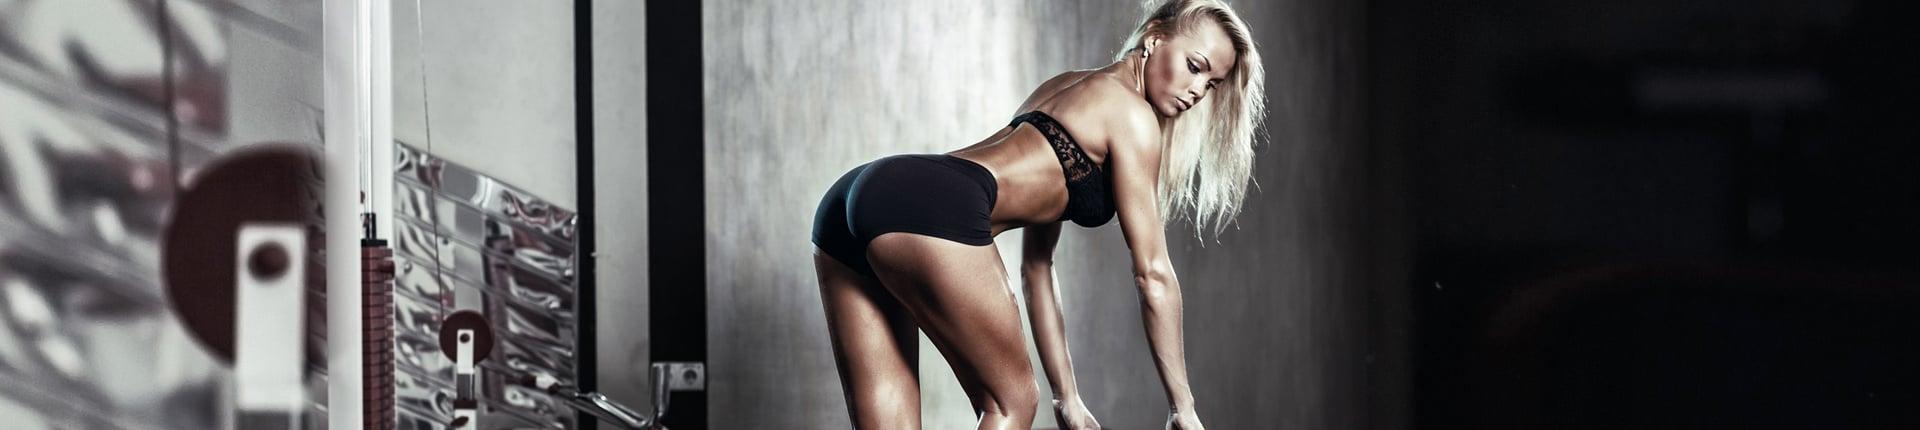 Czy trening mma pozwoli schudnąć